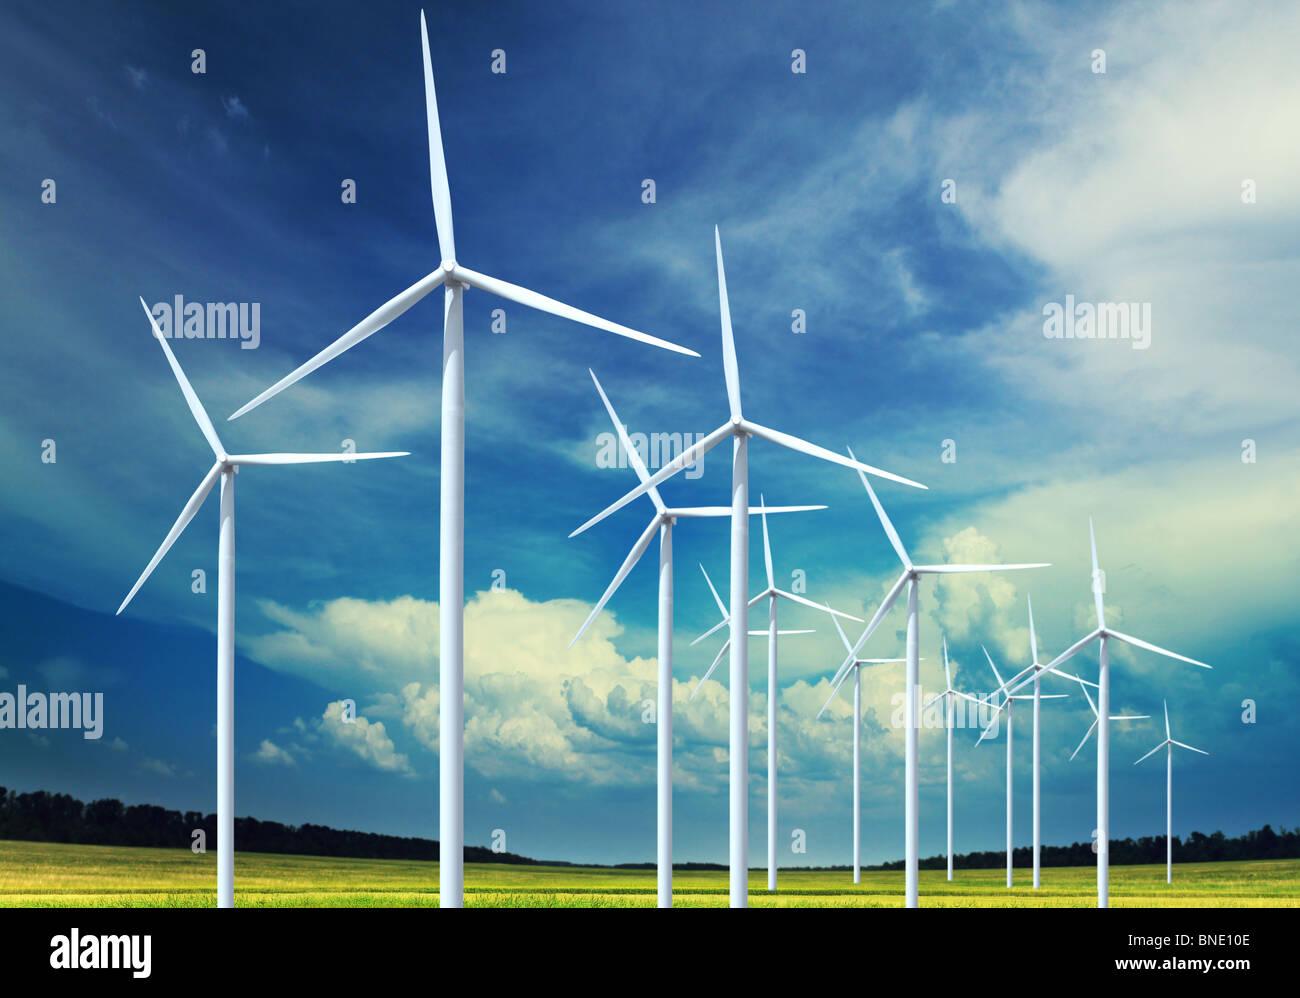 Schöne grüne Wiese mit Windkraftanlagen zur Stromerzeugung Stockbild